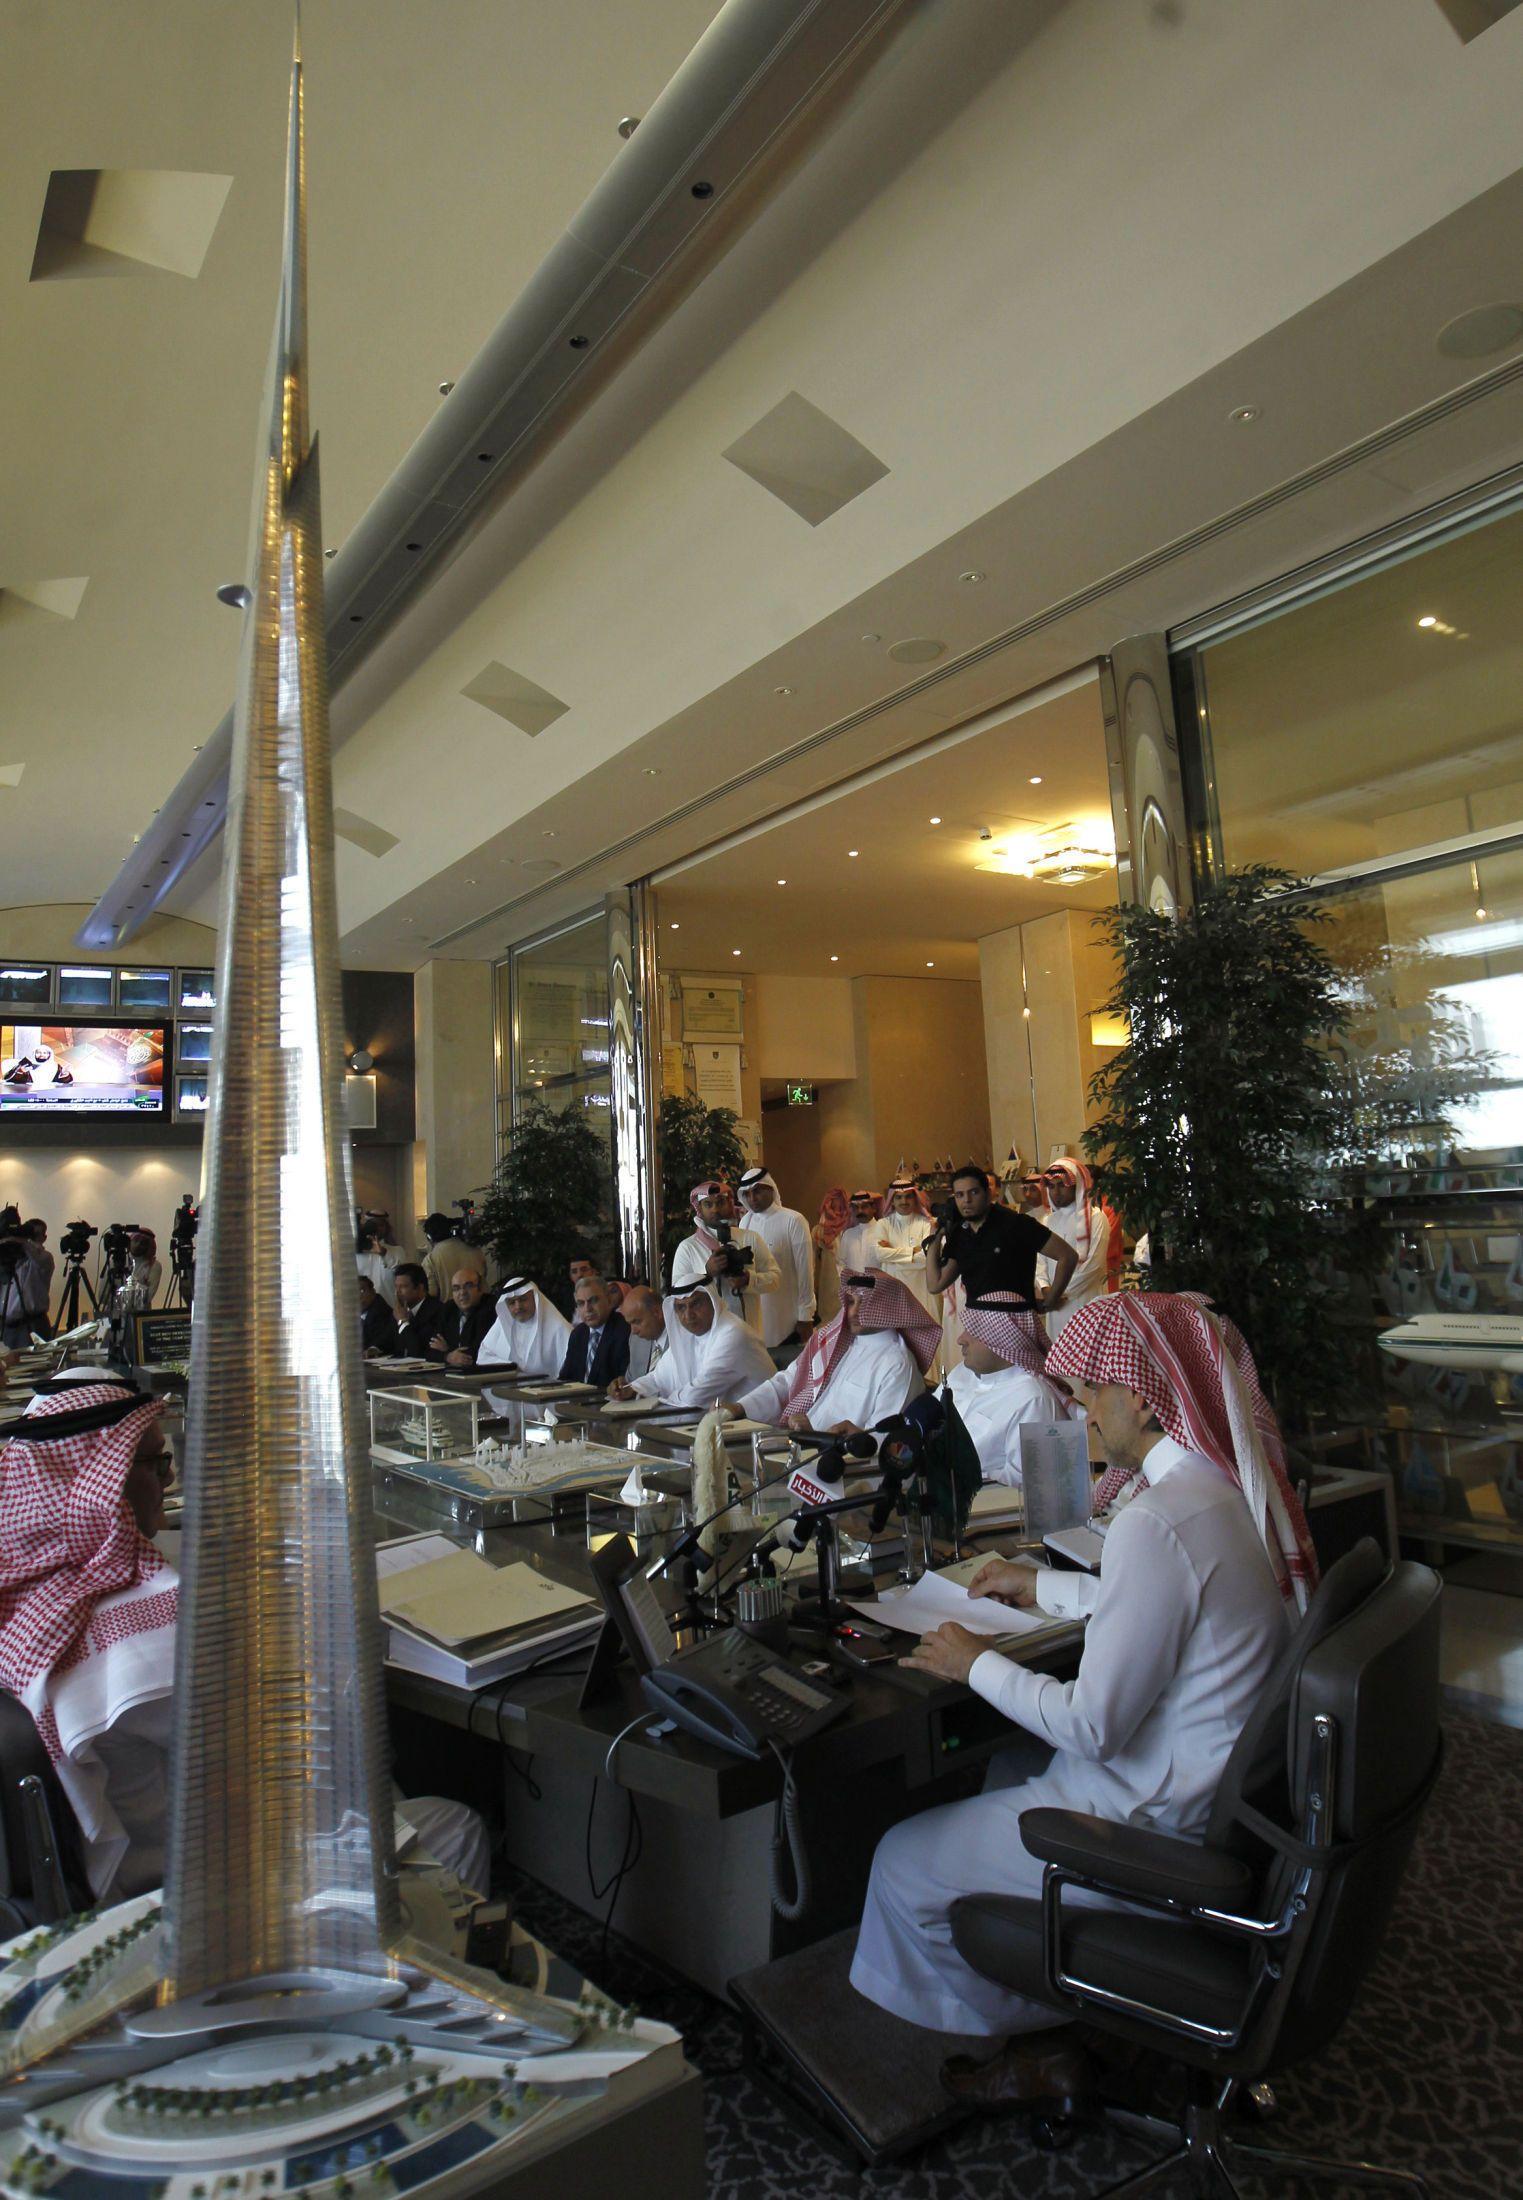 STOLT PROSJEKTEIER: Prins Al-Waleed Bin Talal presenterer en fersk modell av det som skal bli verdens høyeste bygning under en pressekonferanse mandag 2. august.